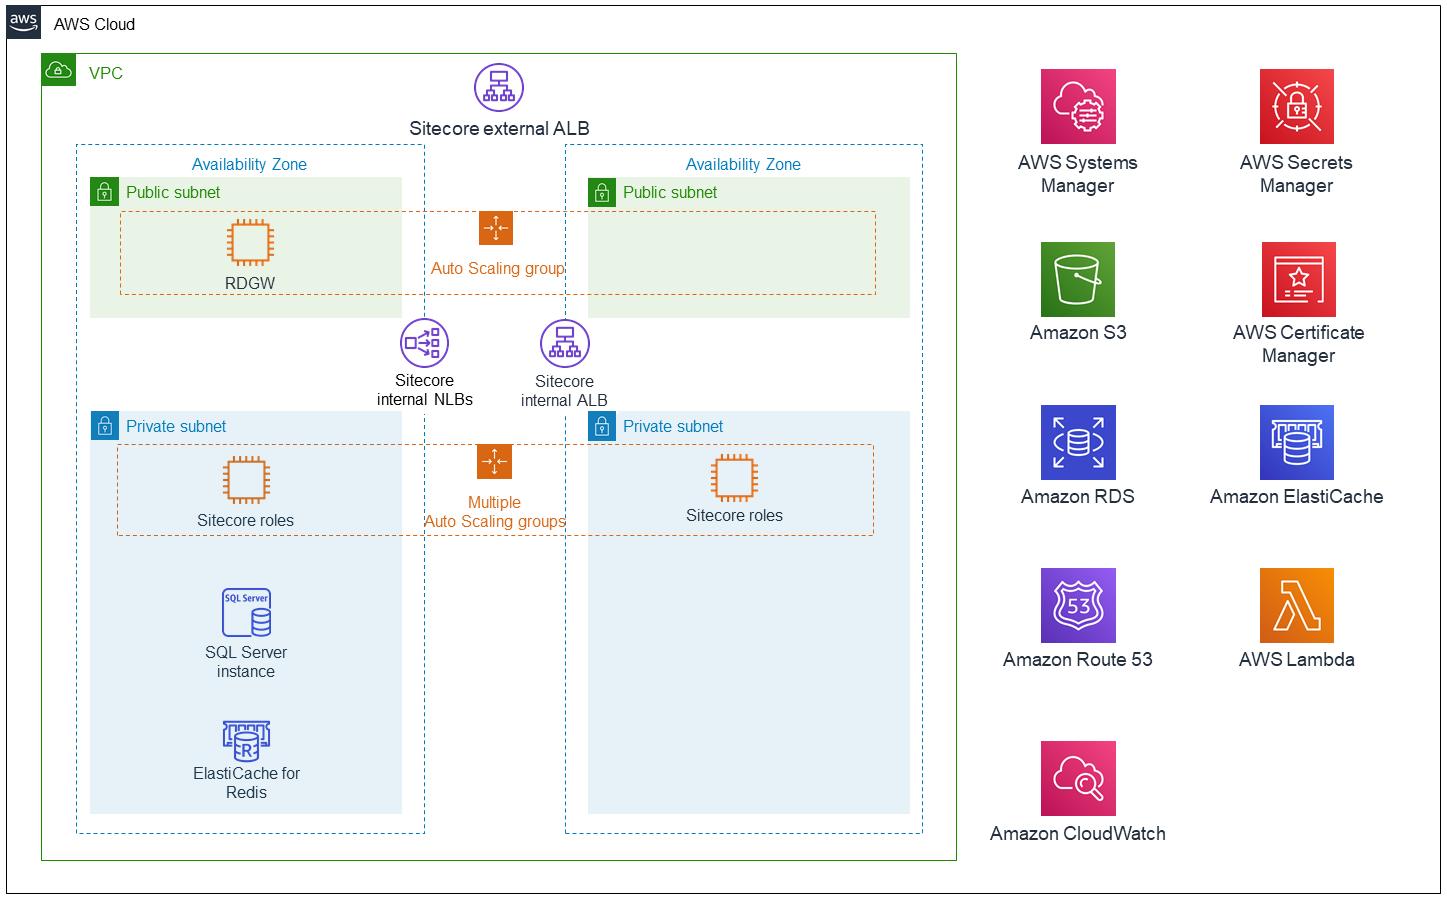 Sitecore Experience Platform (XP) 9.3 architecture